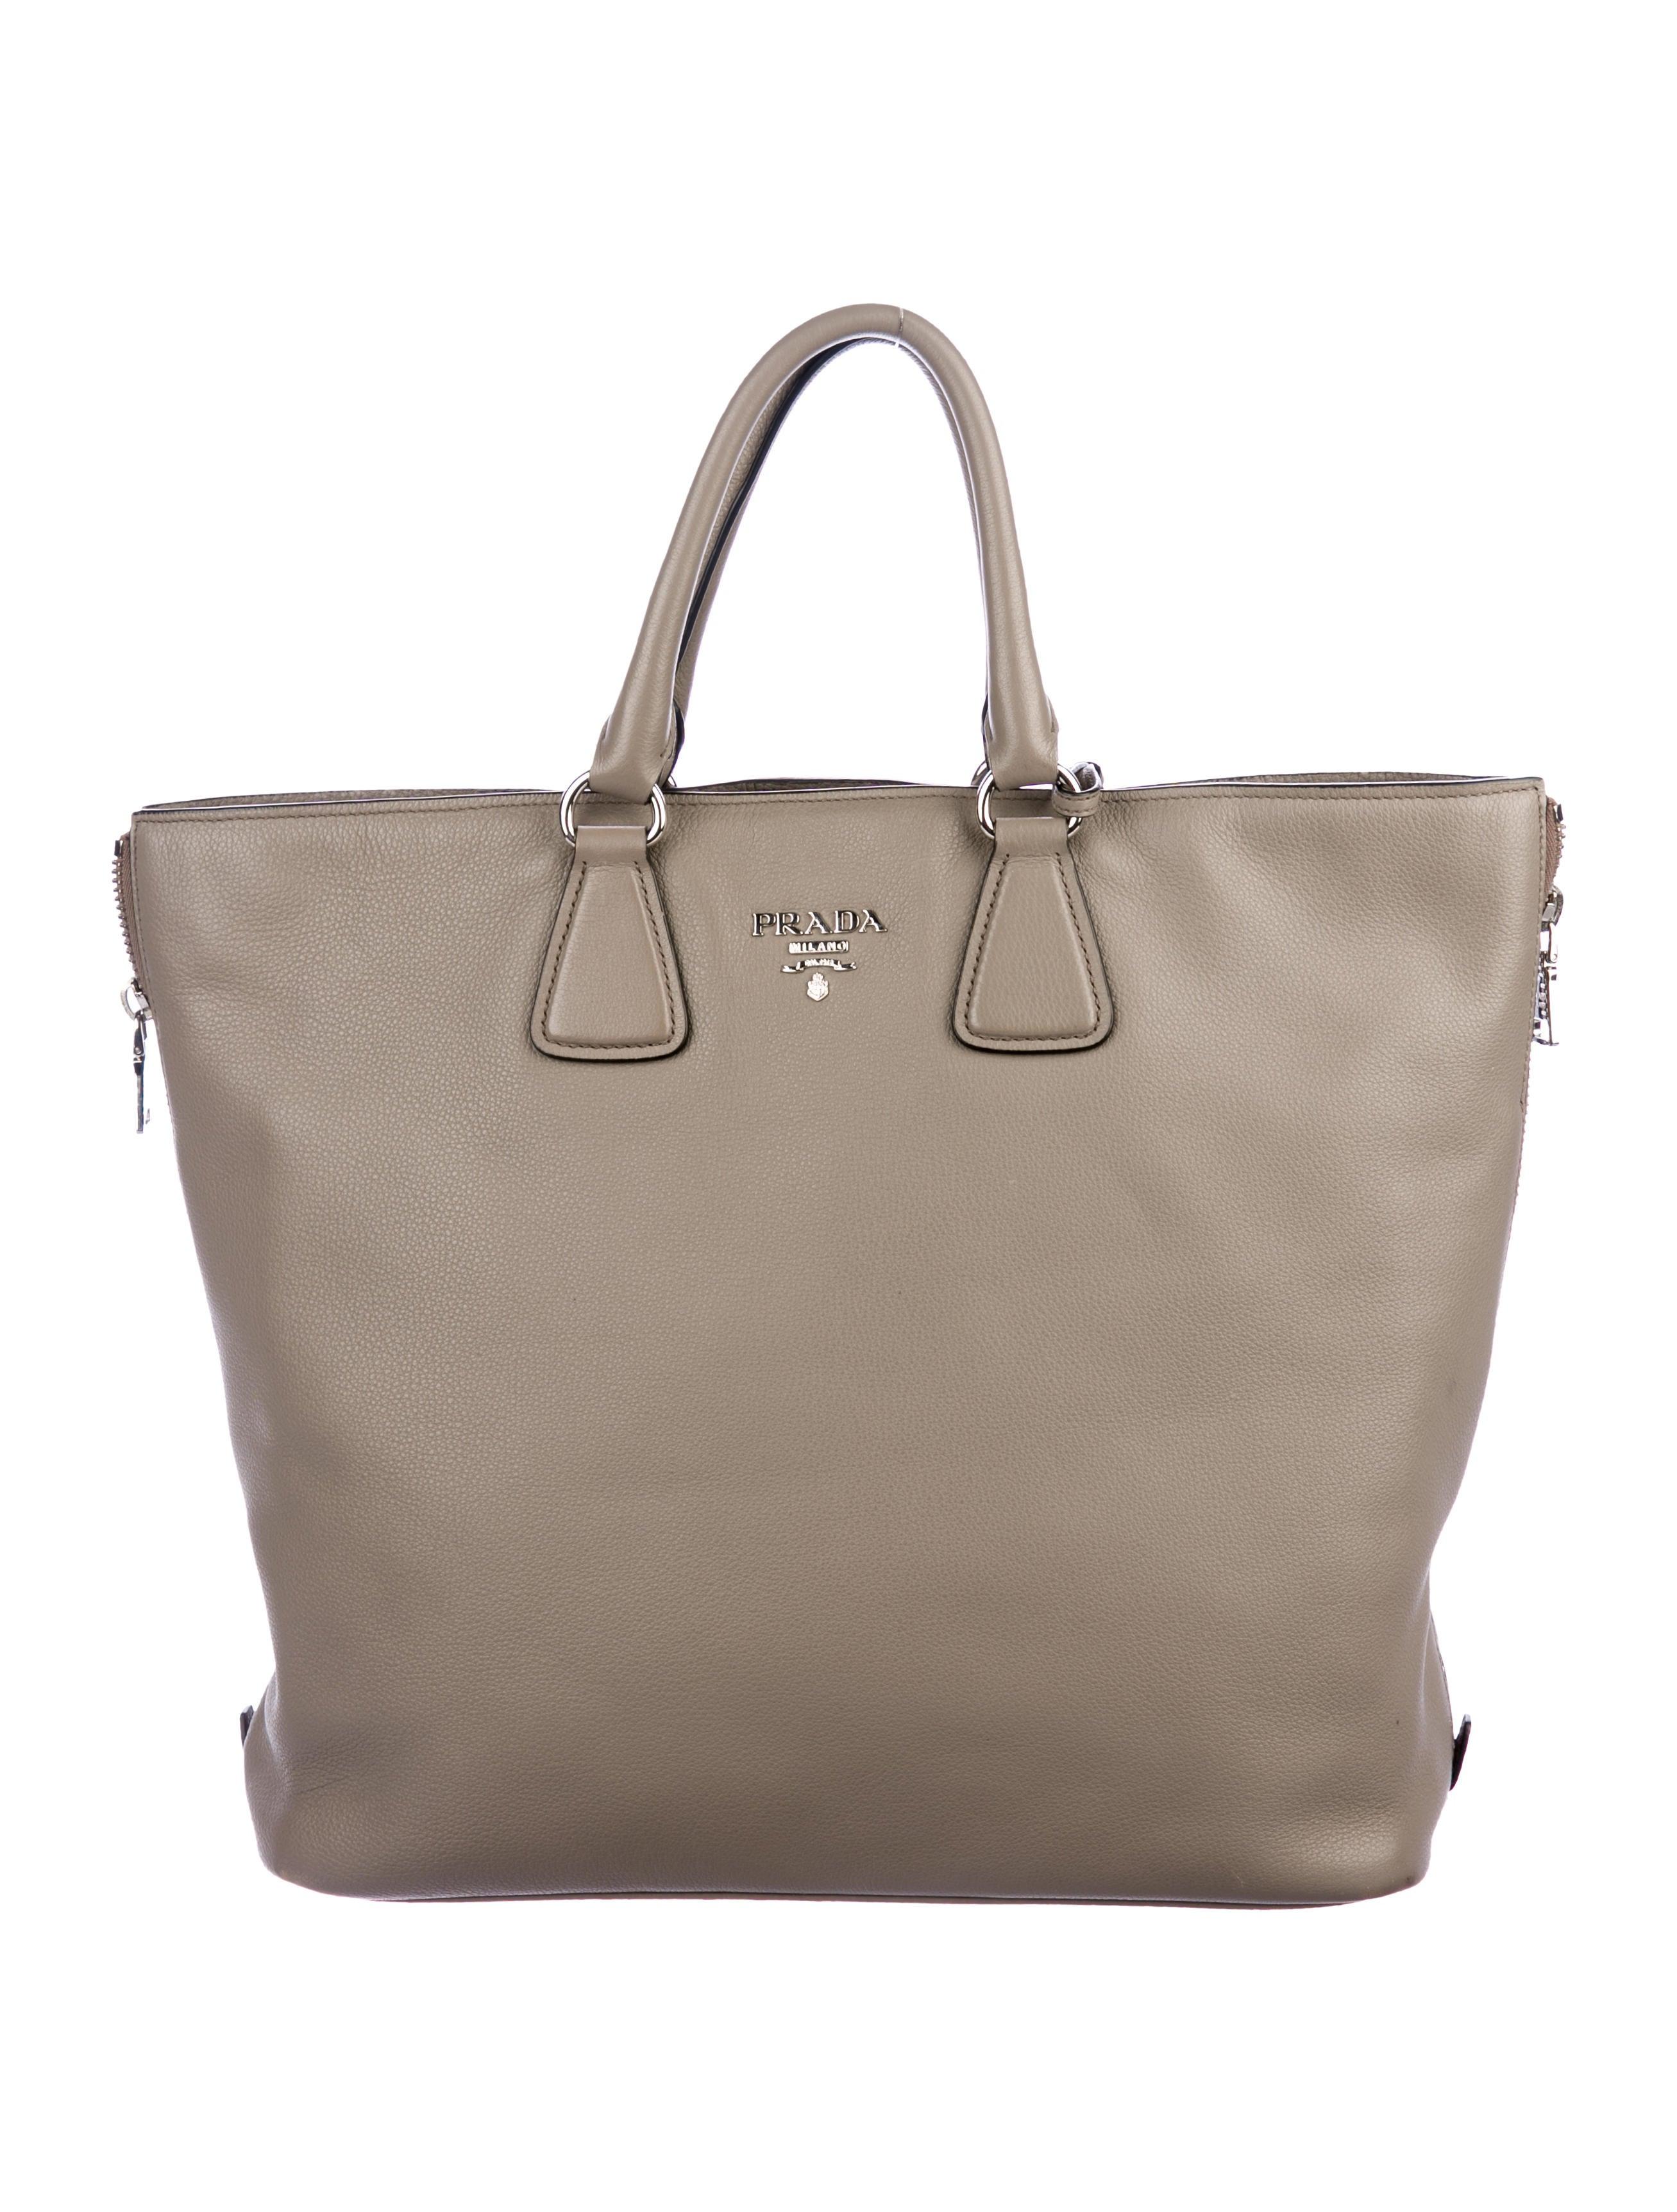 2675da4b4361 Prada Vitello Daino Shopper Tote - Handbags - PRA224769 | The RealReal